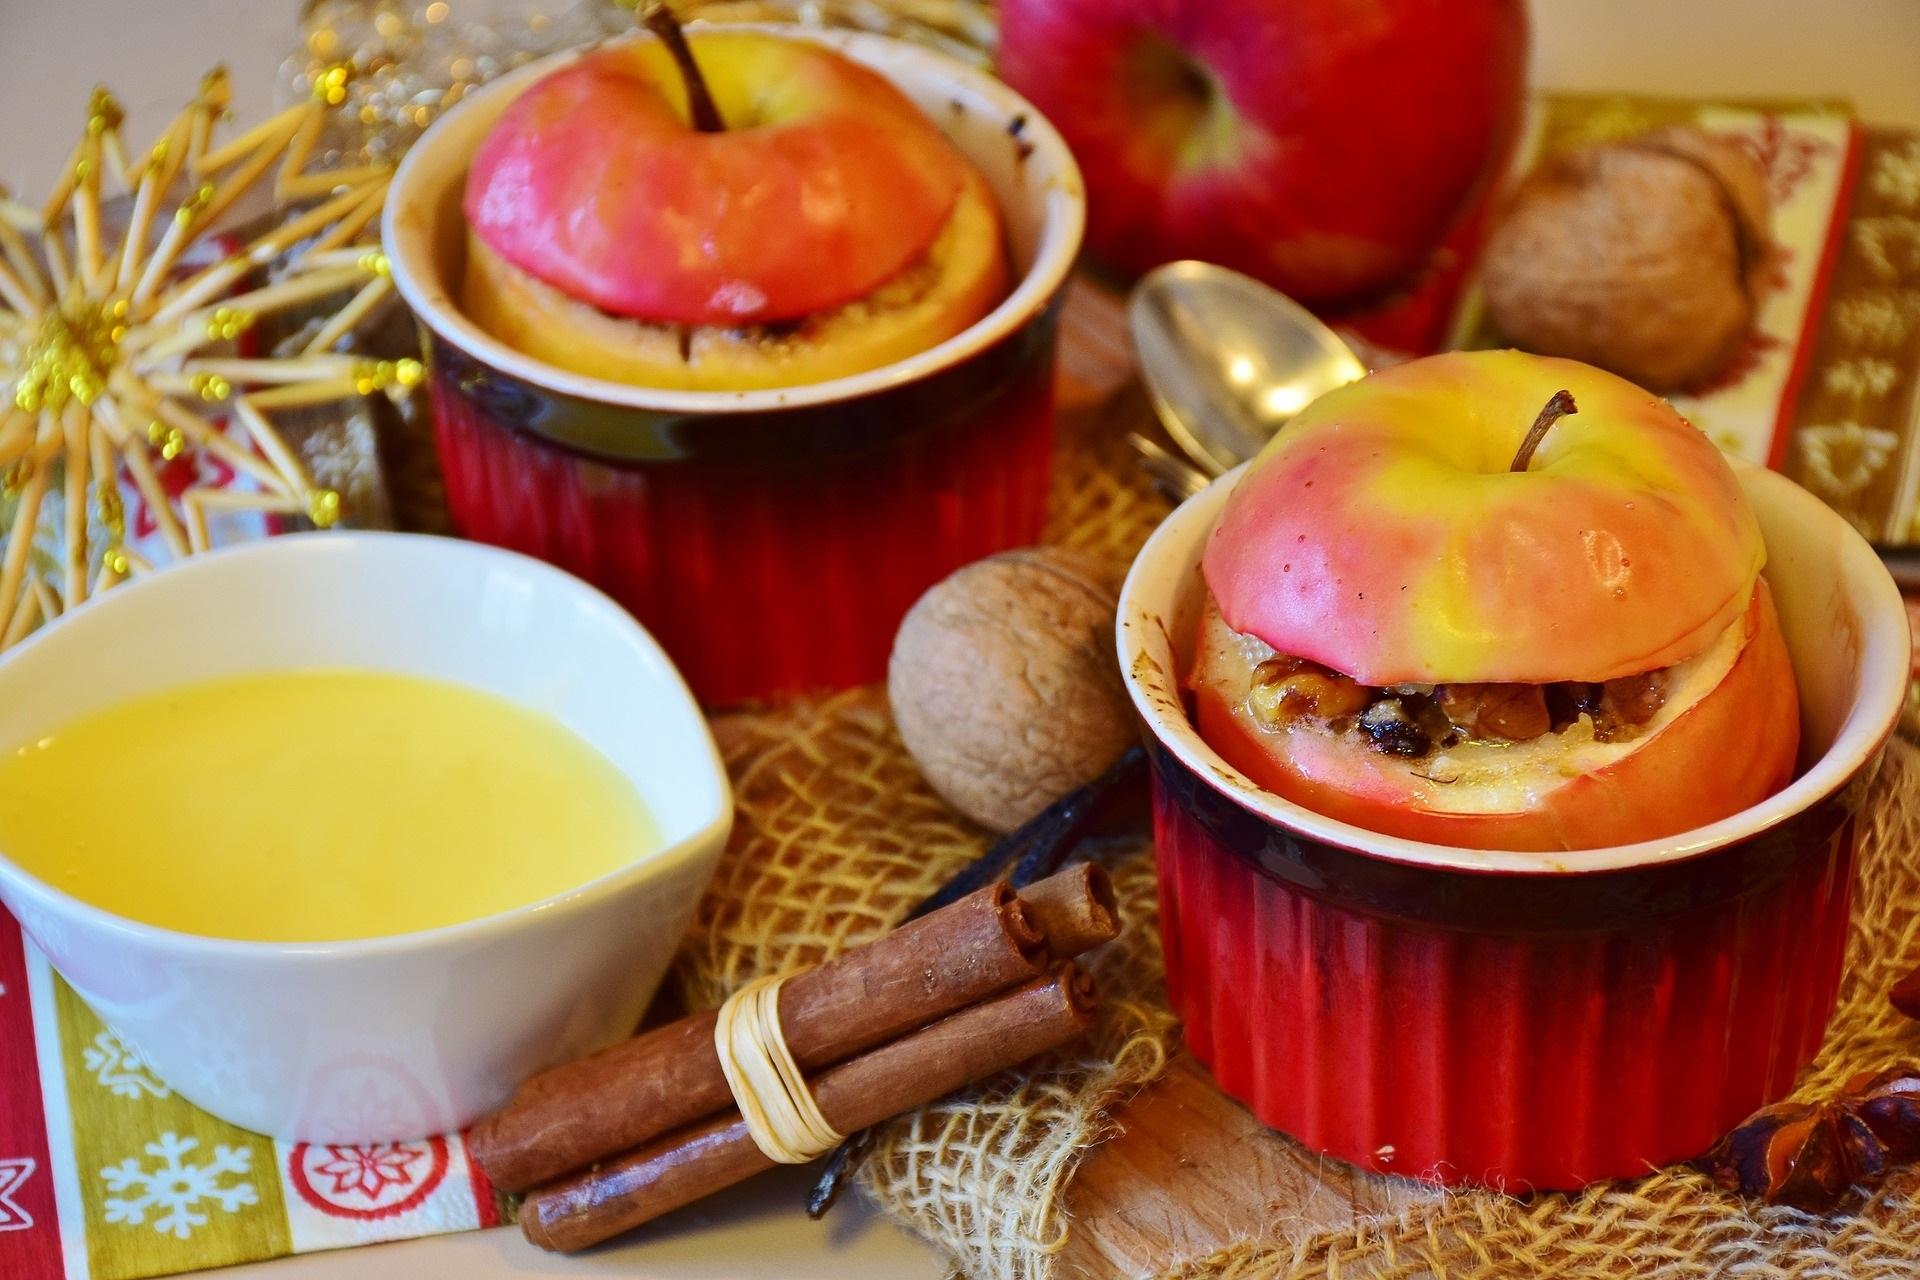 Gevulde appel uit de oven met verse vanillesaus